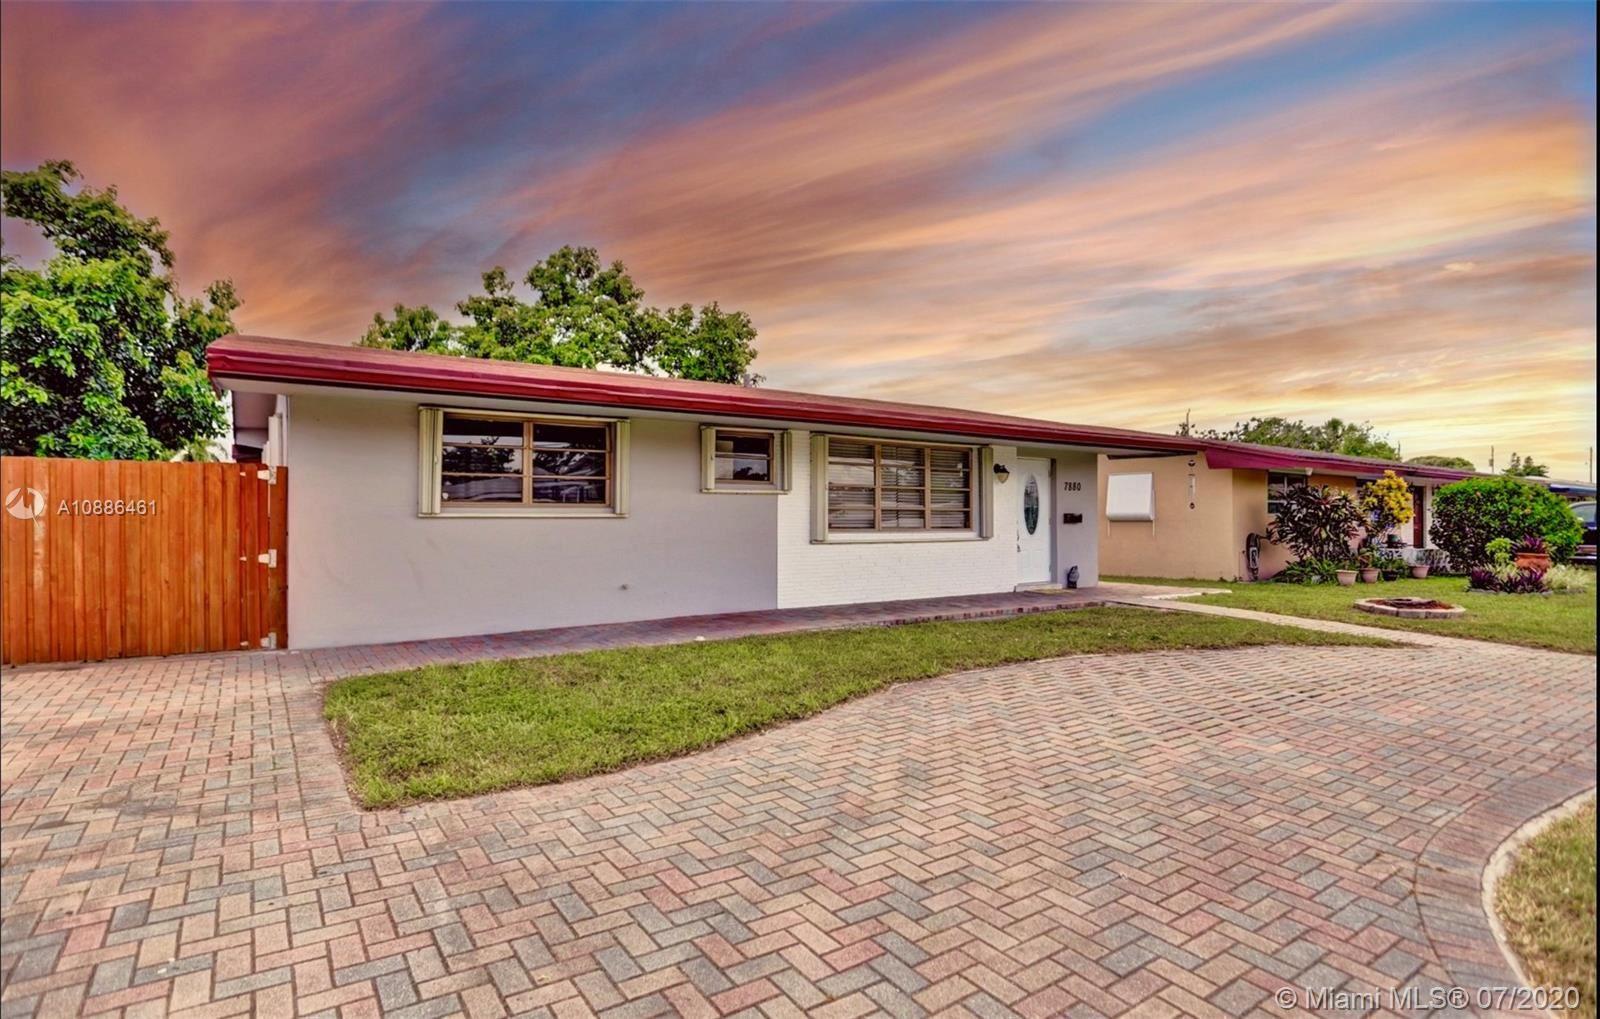 7880 NW 13th St, Pembroke Pines, FL 33024 - #: A10886461